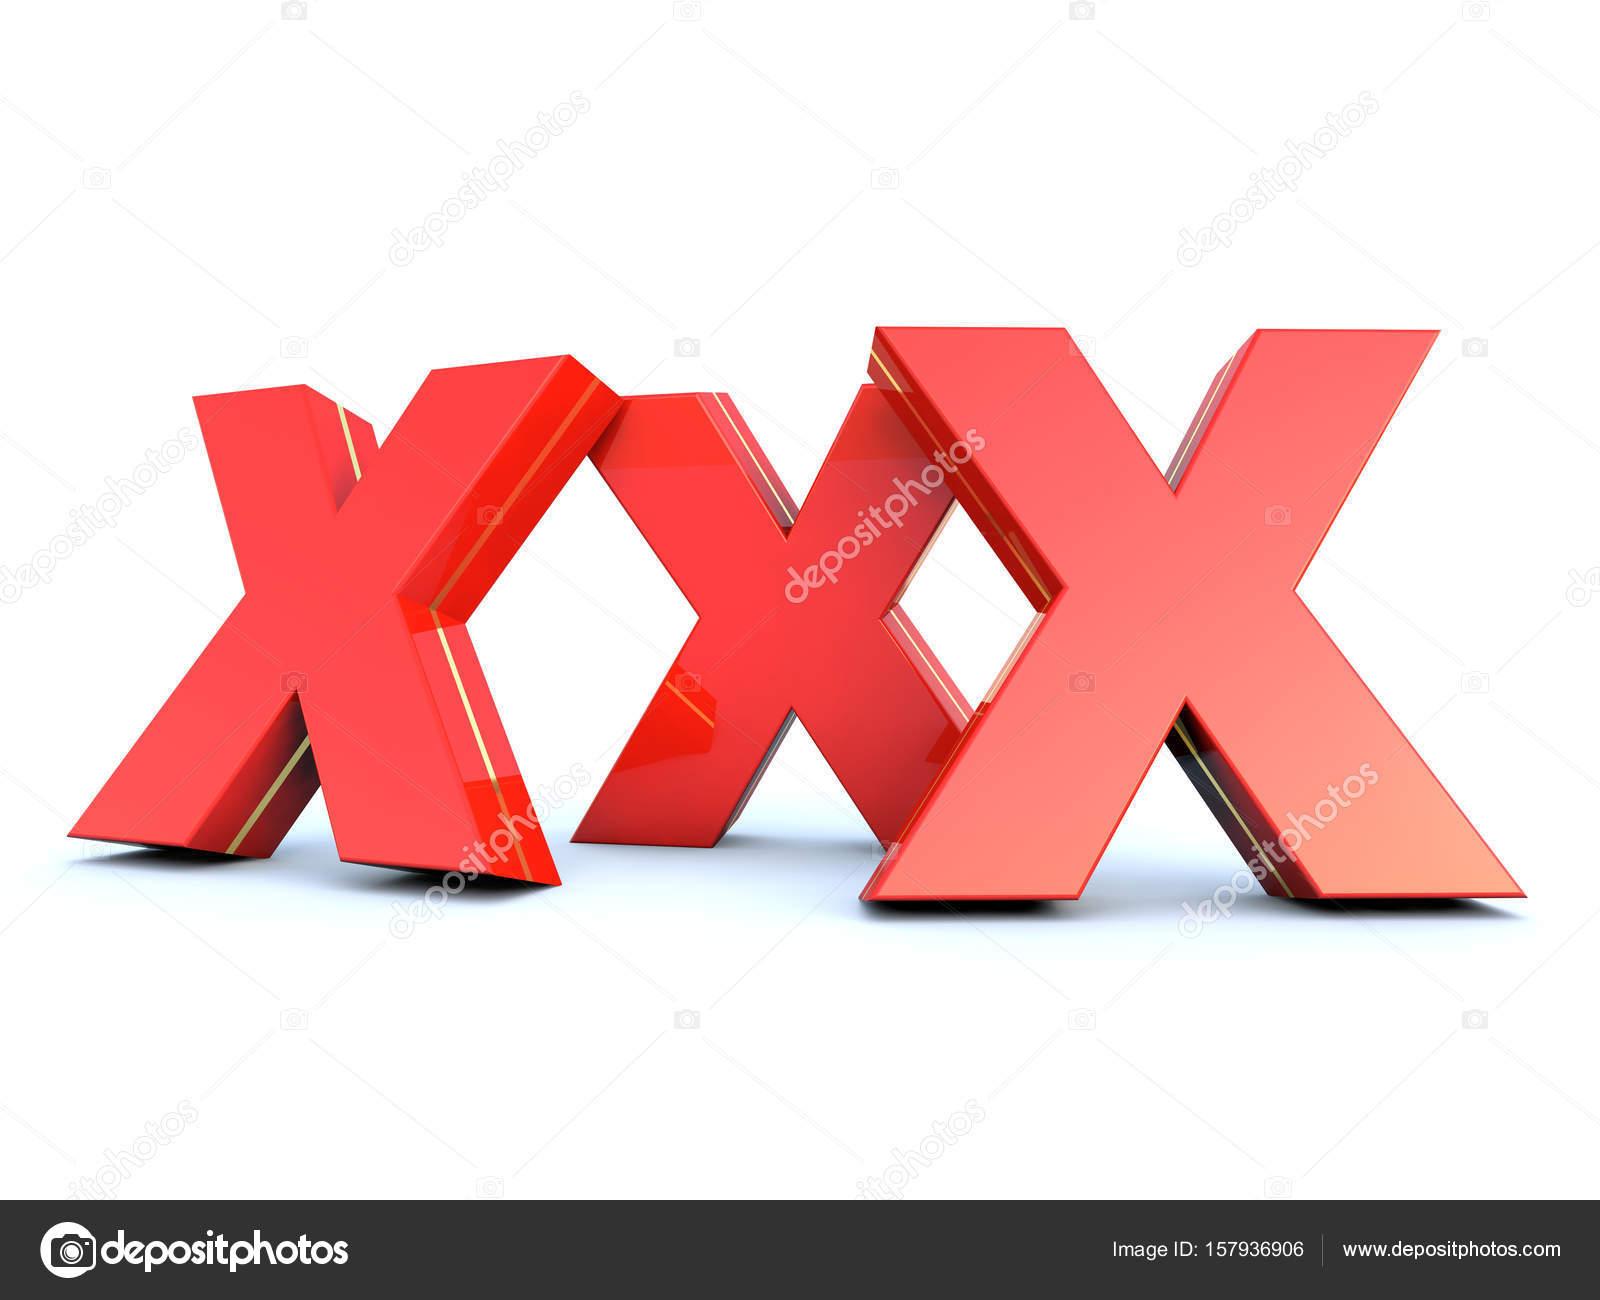 Xxx graphic pics